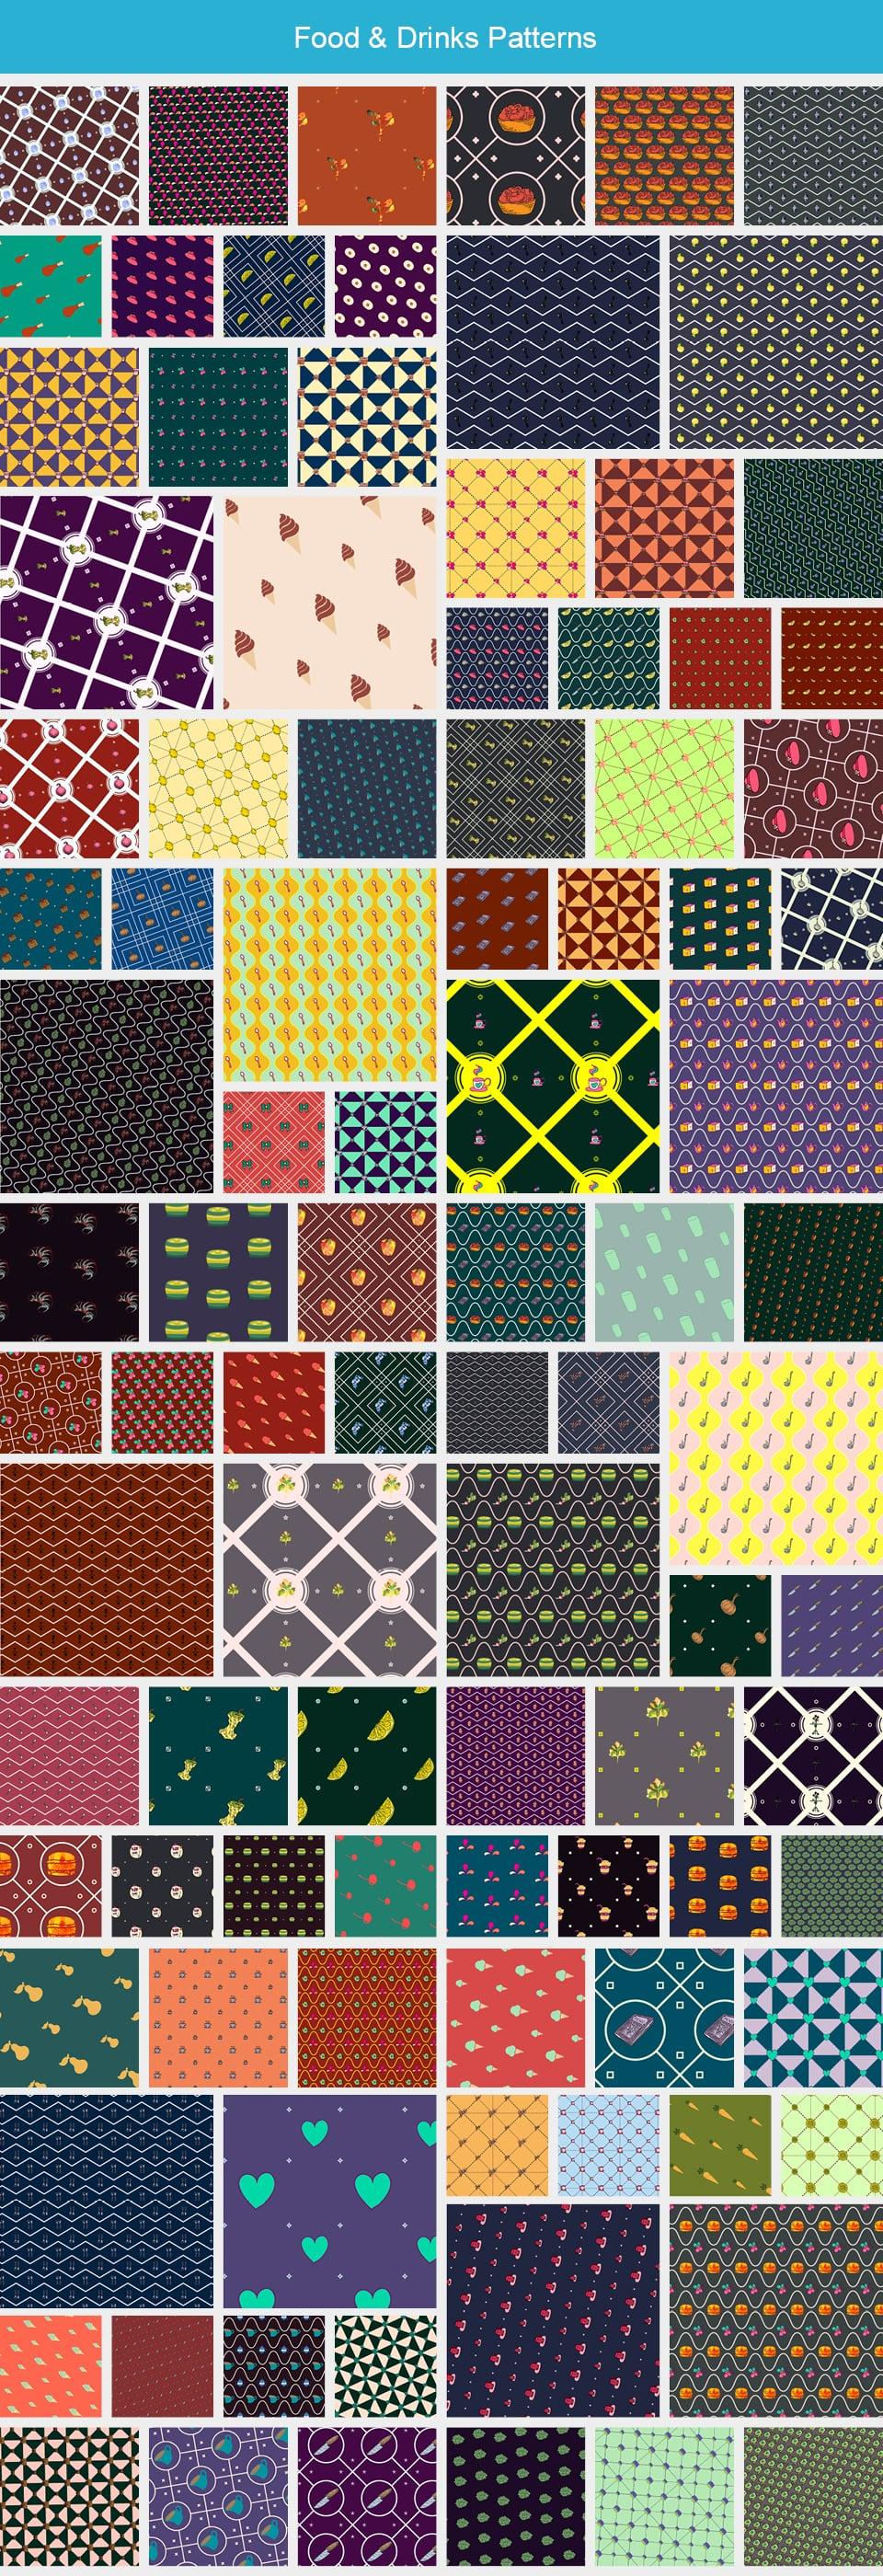 Modern Pattern Designs - Mega Bundle with 2000 Patterns - Large Preview FoodDrinks